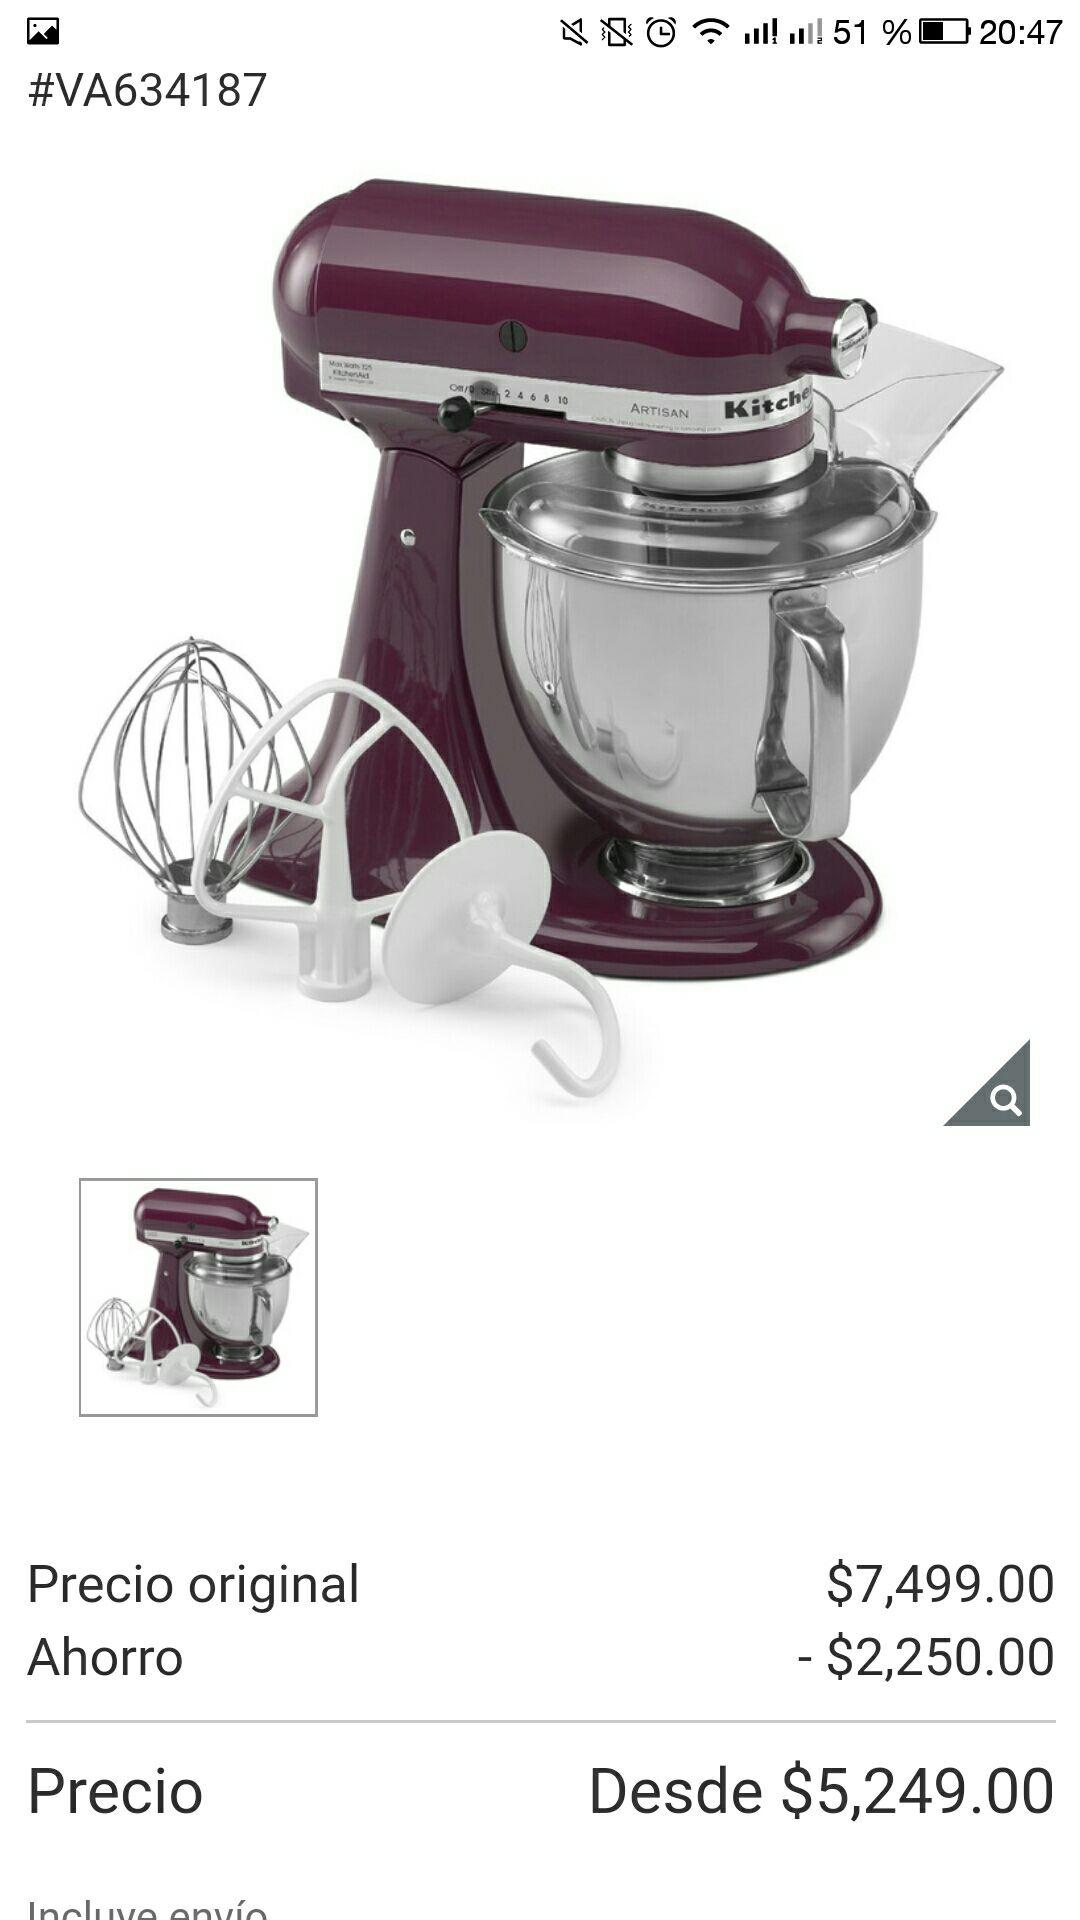 Costco online: batidora kitchen aid artisan 4.8 litros